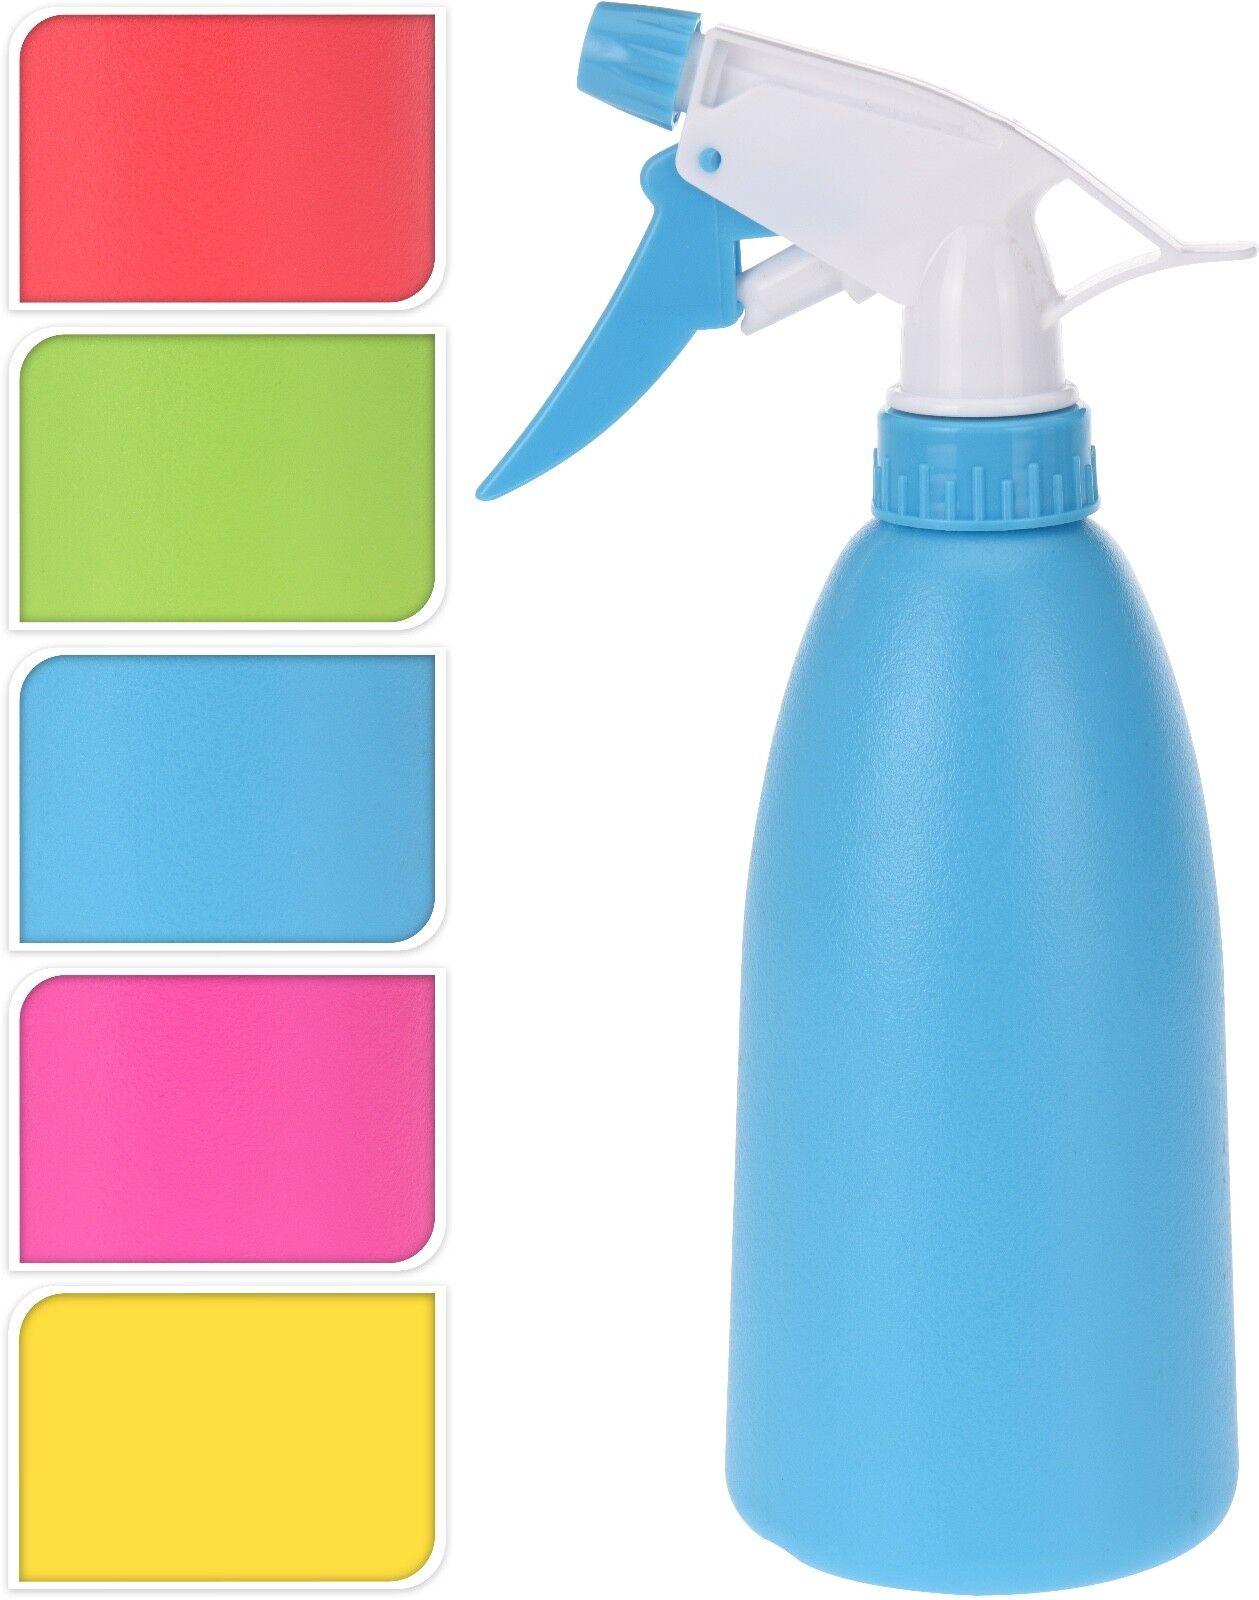 1 - 10 Pumpsprüher Pflanzensprüher Sprühflasche farbig Handsprüher 480ml leer